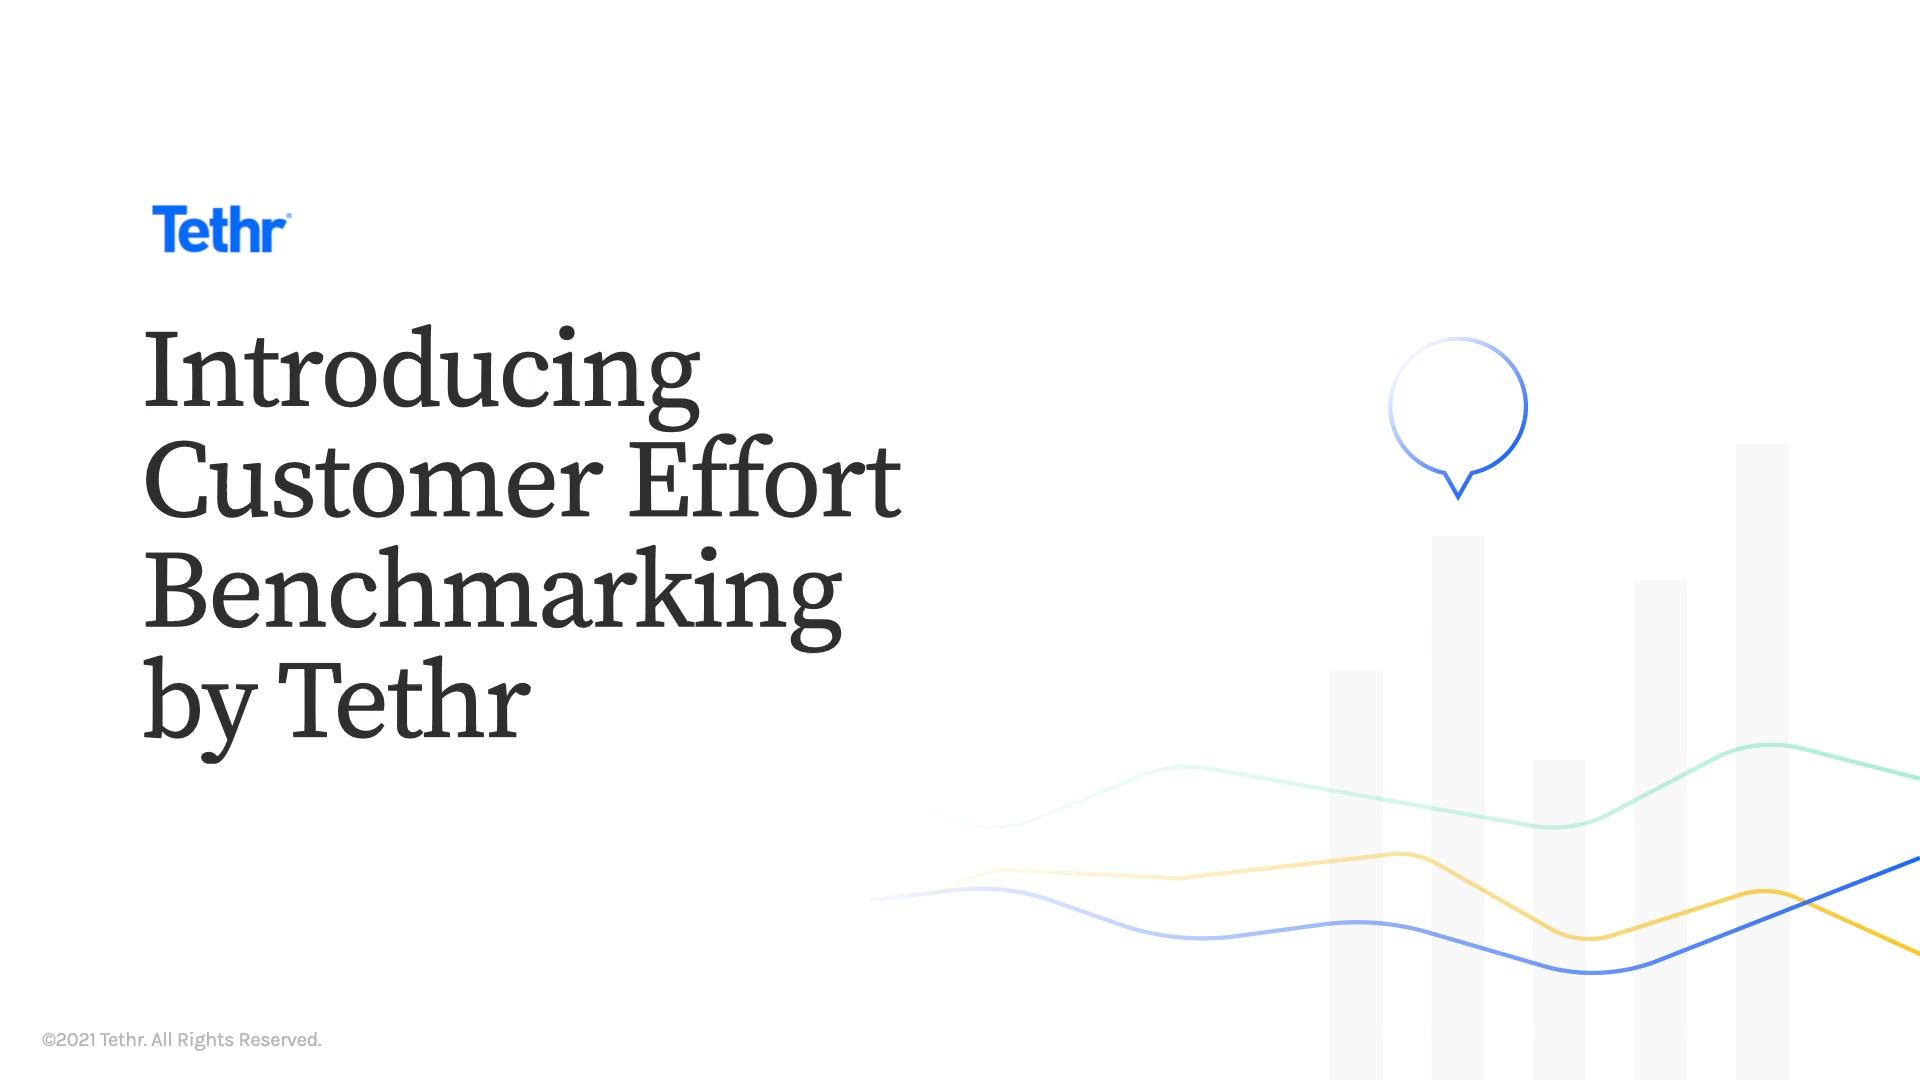 Introducing Customer Effort Benchmarking by Tethr